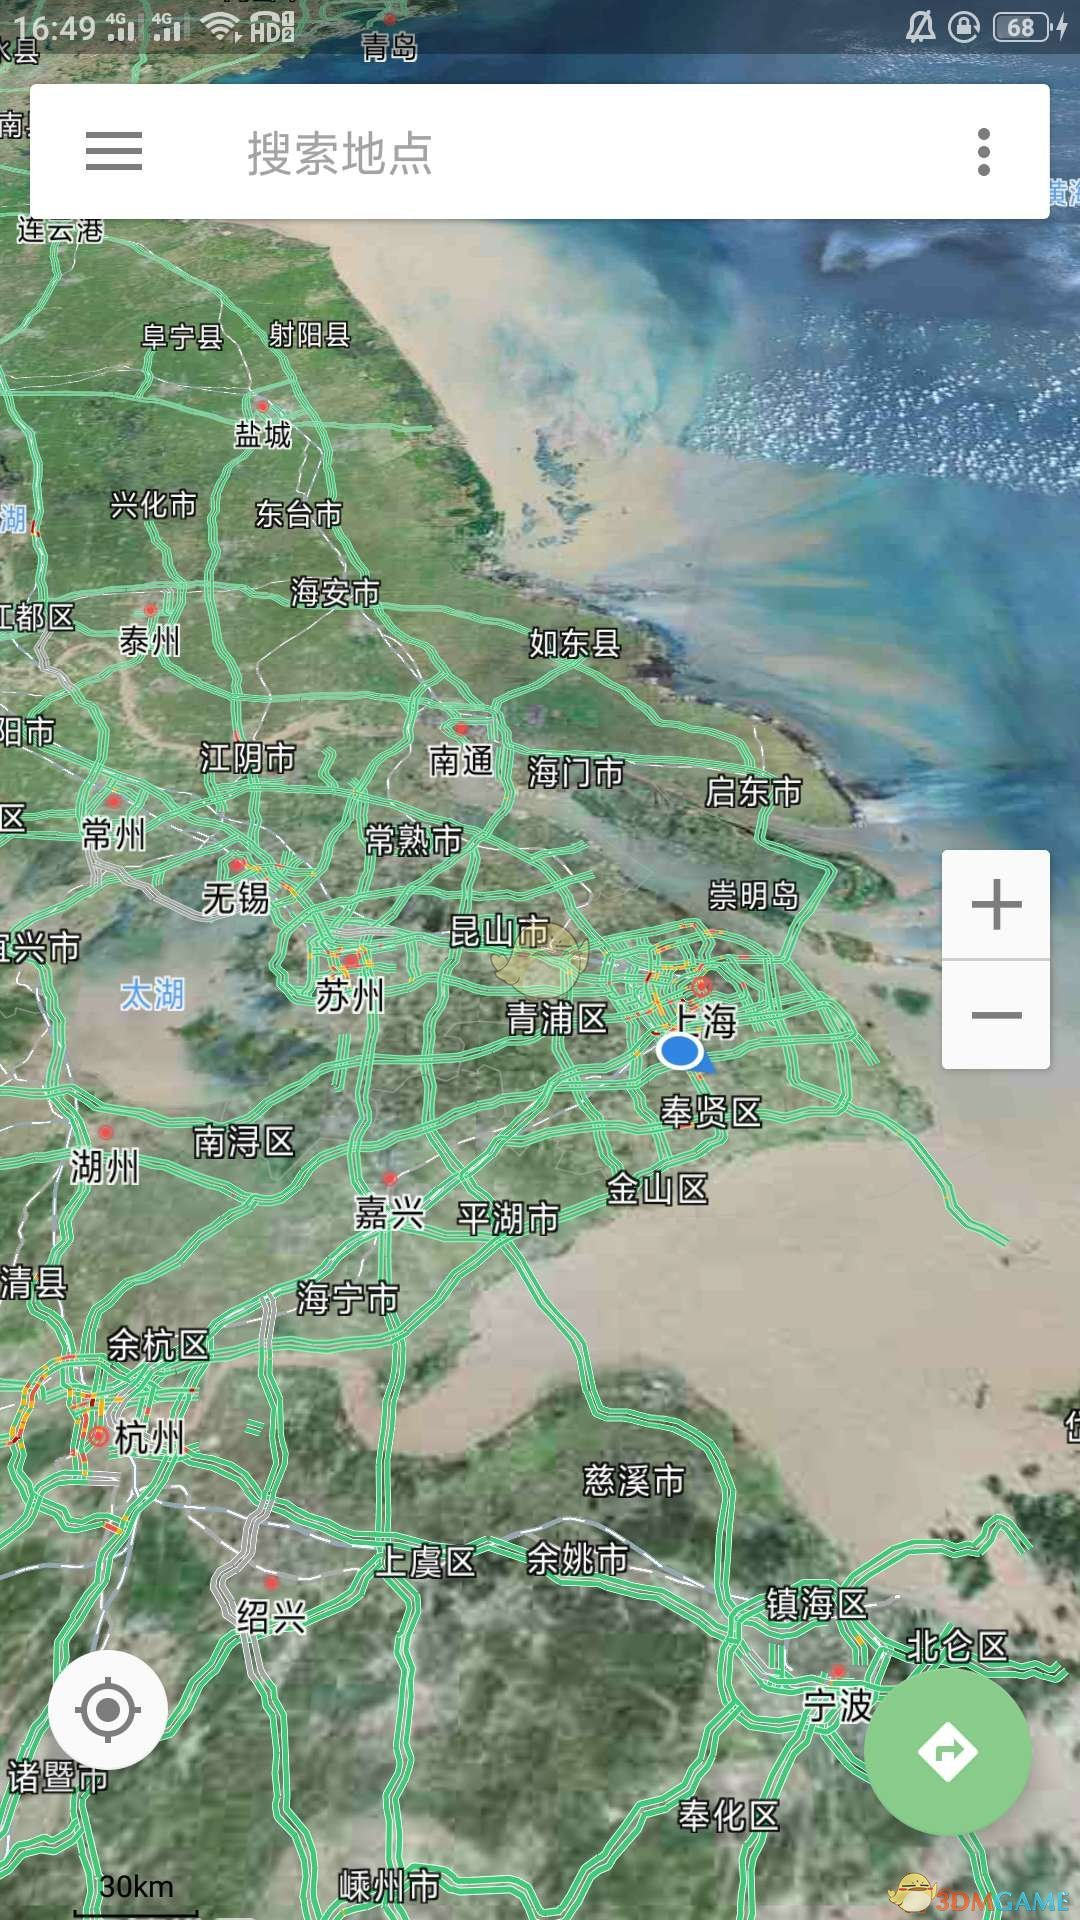 《北斗导航》app查看实时路况方法